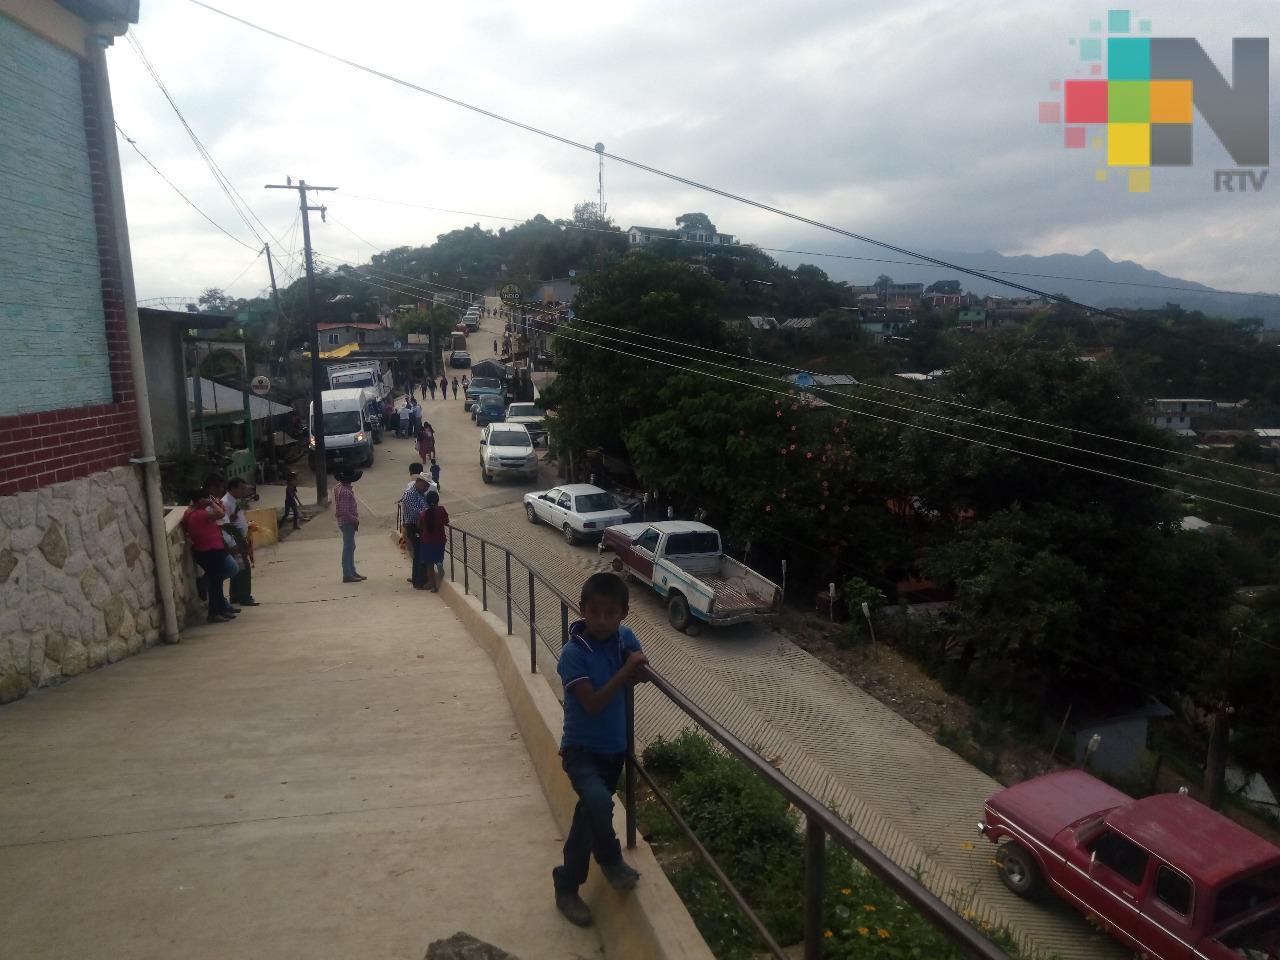 Continúa operativo de vigilancia y seguridad vial en la región de Chicontepec y Huayacocotla